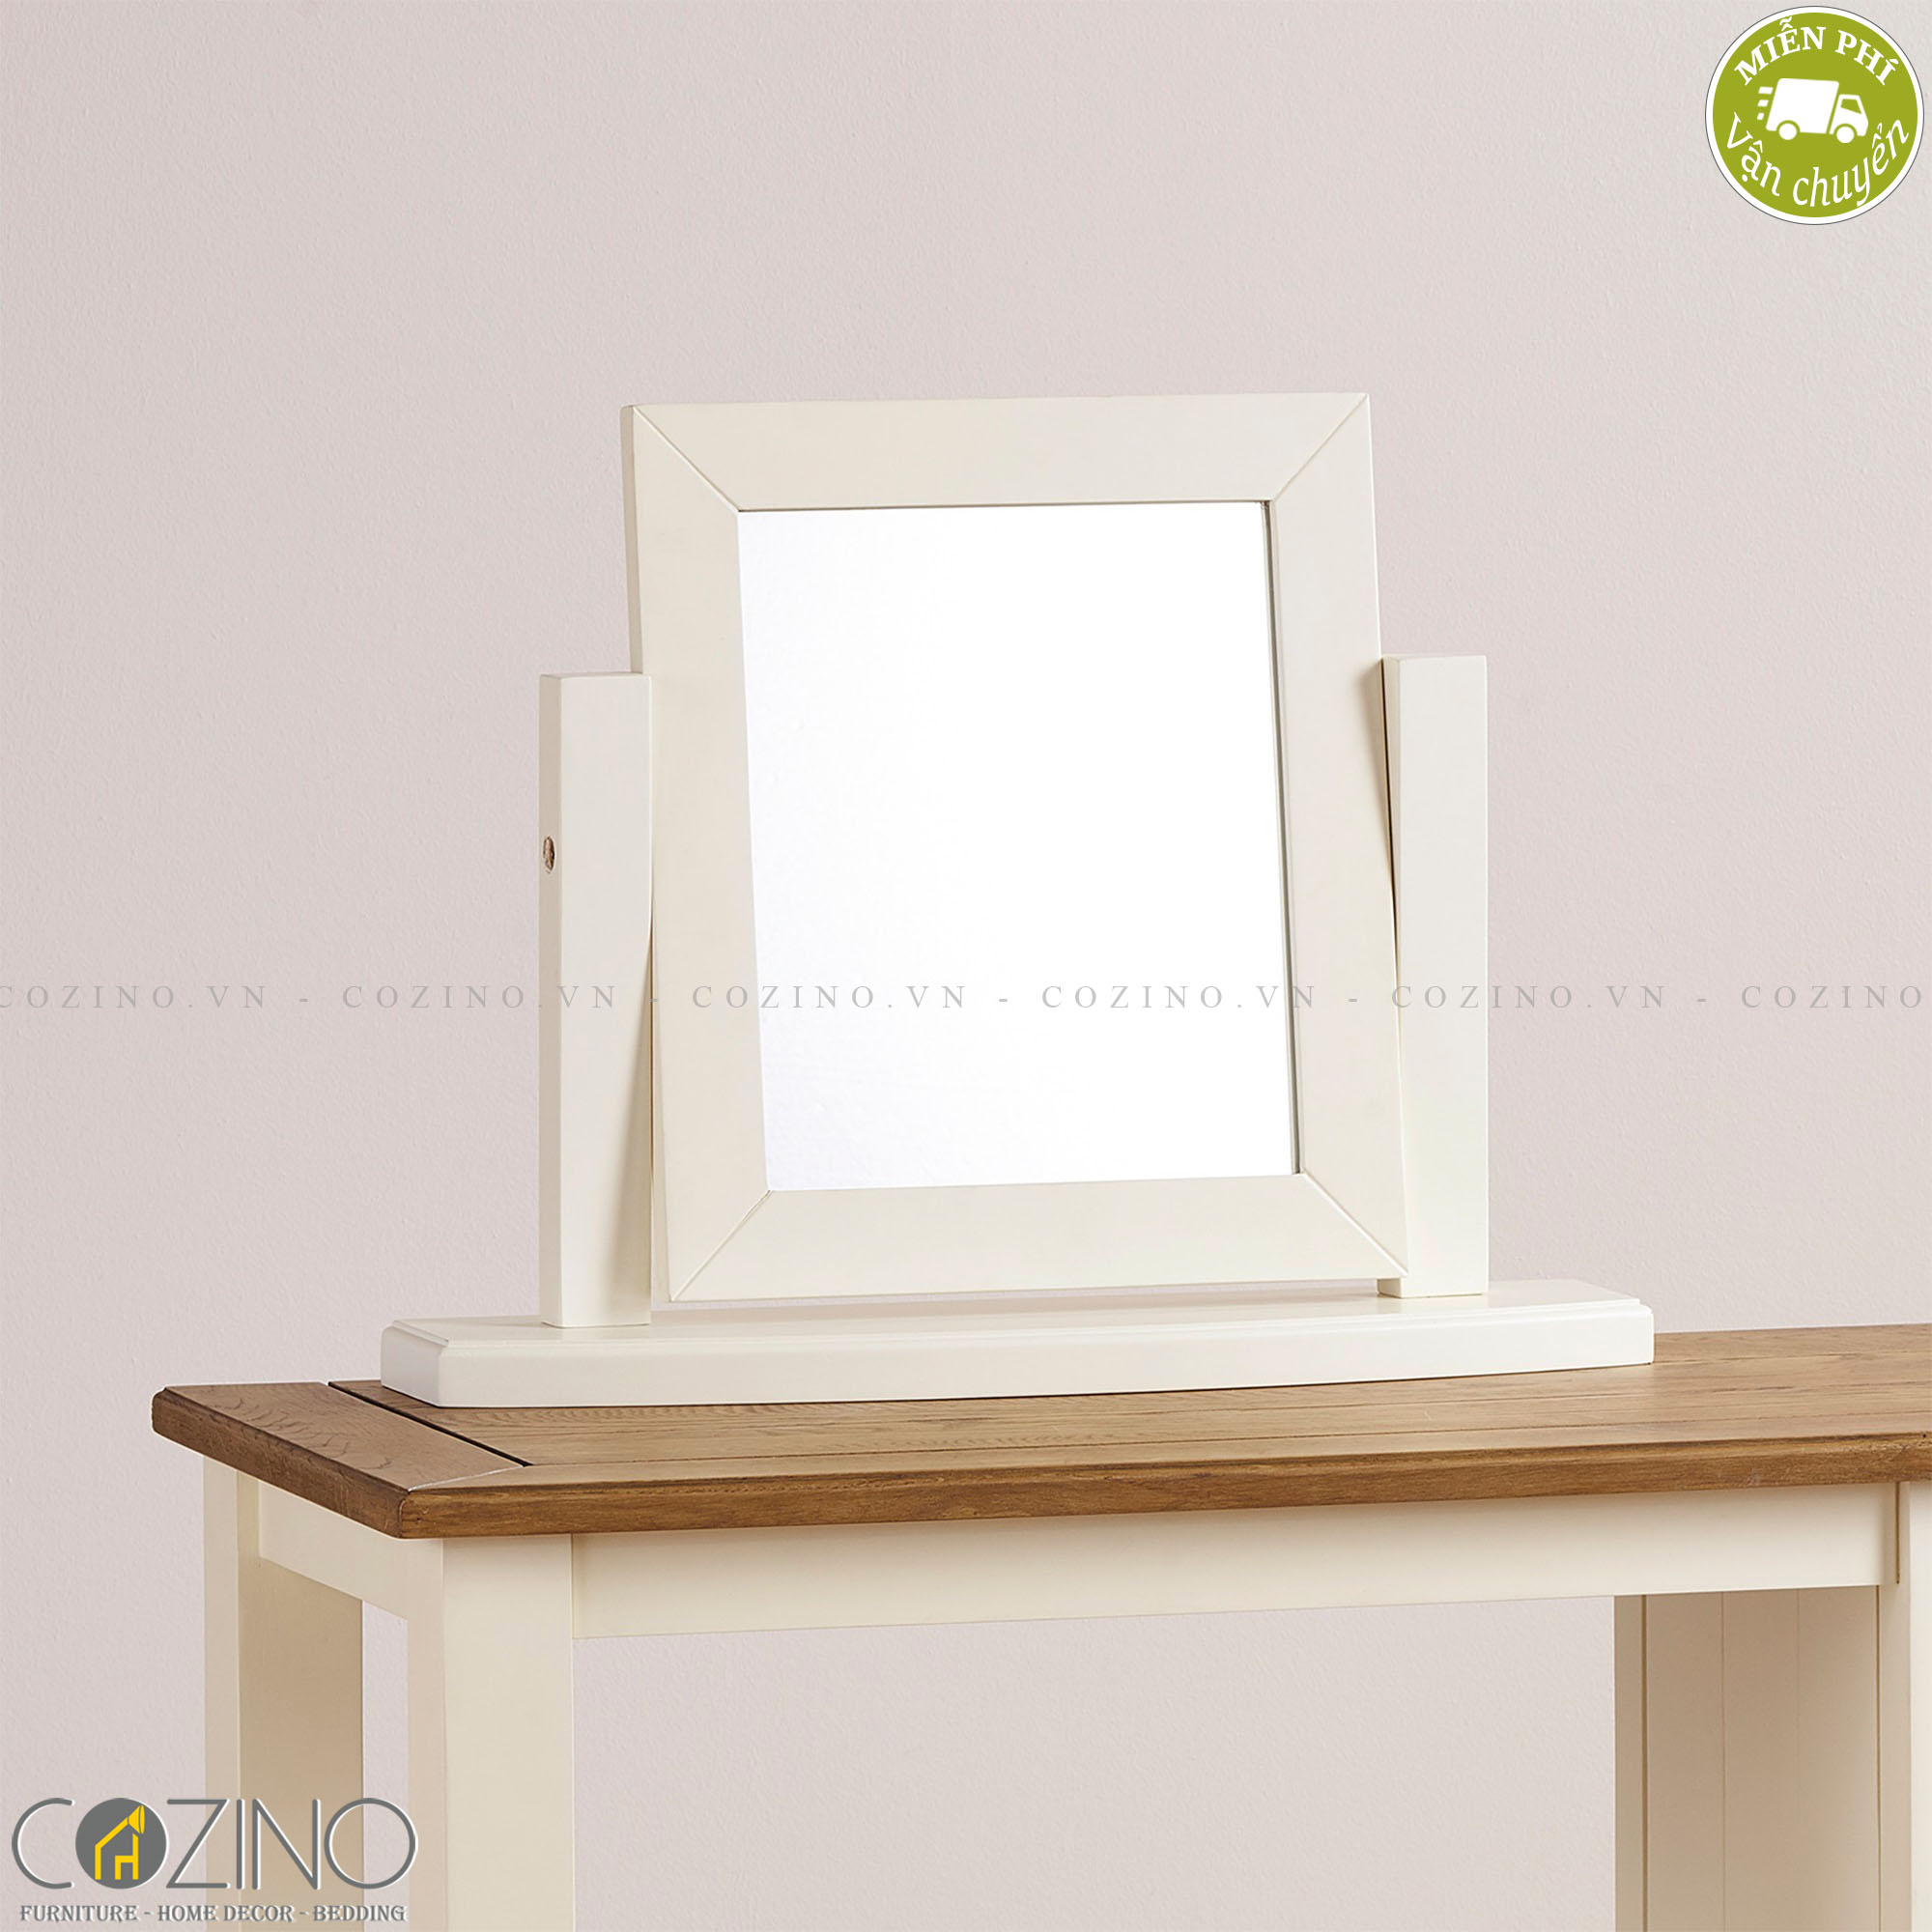 Gương để bàn Chillon 100% gỗ sồi  - Cozino